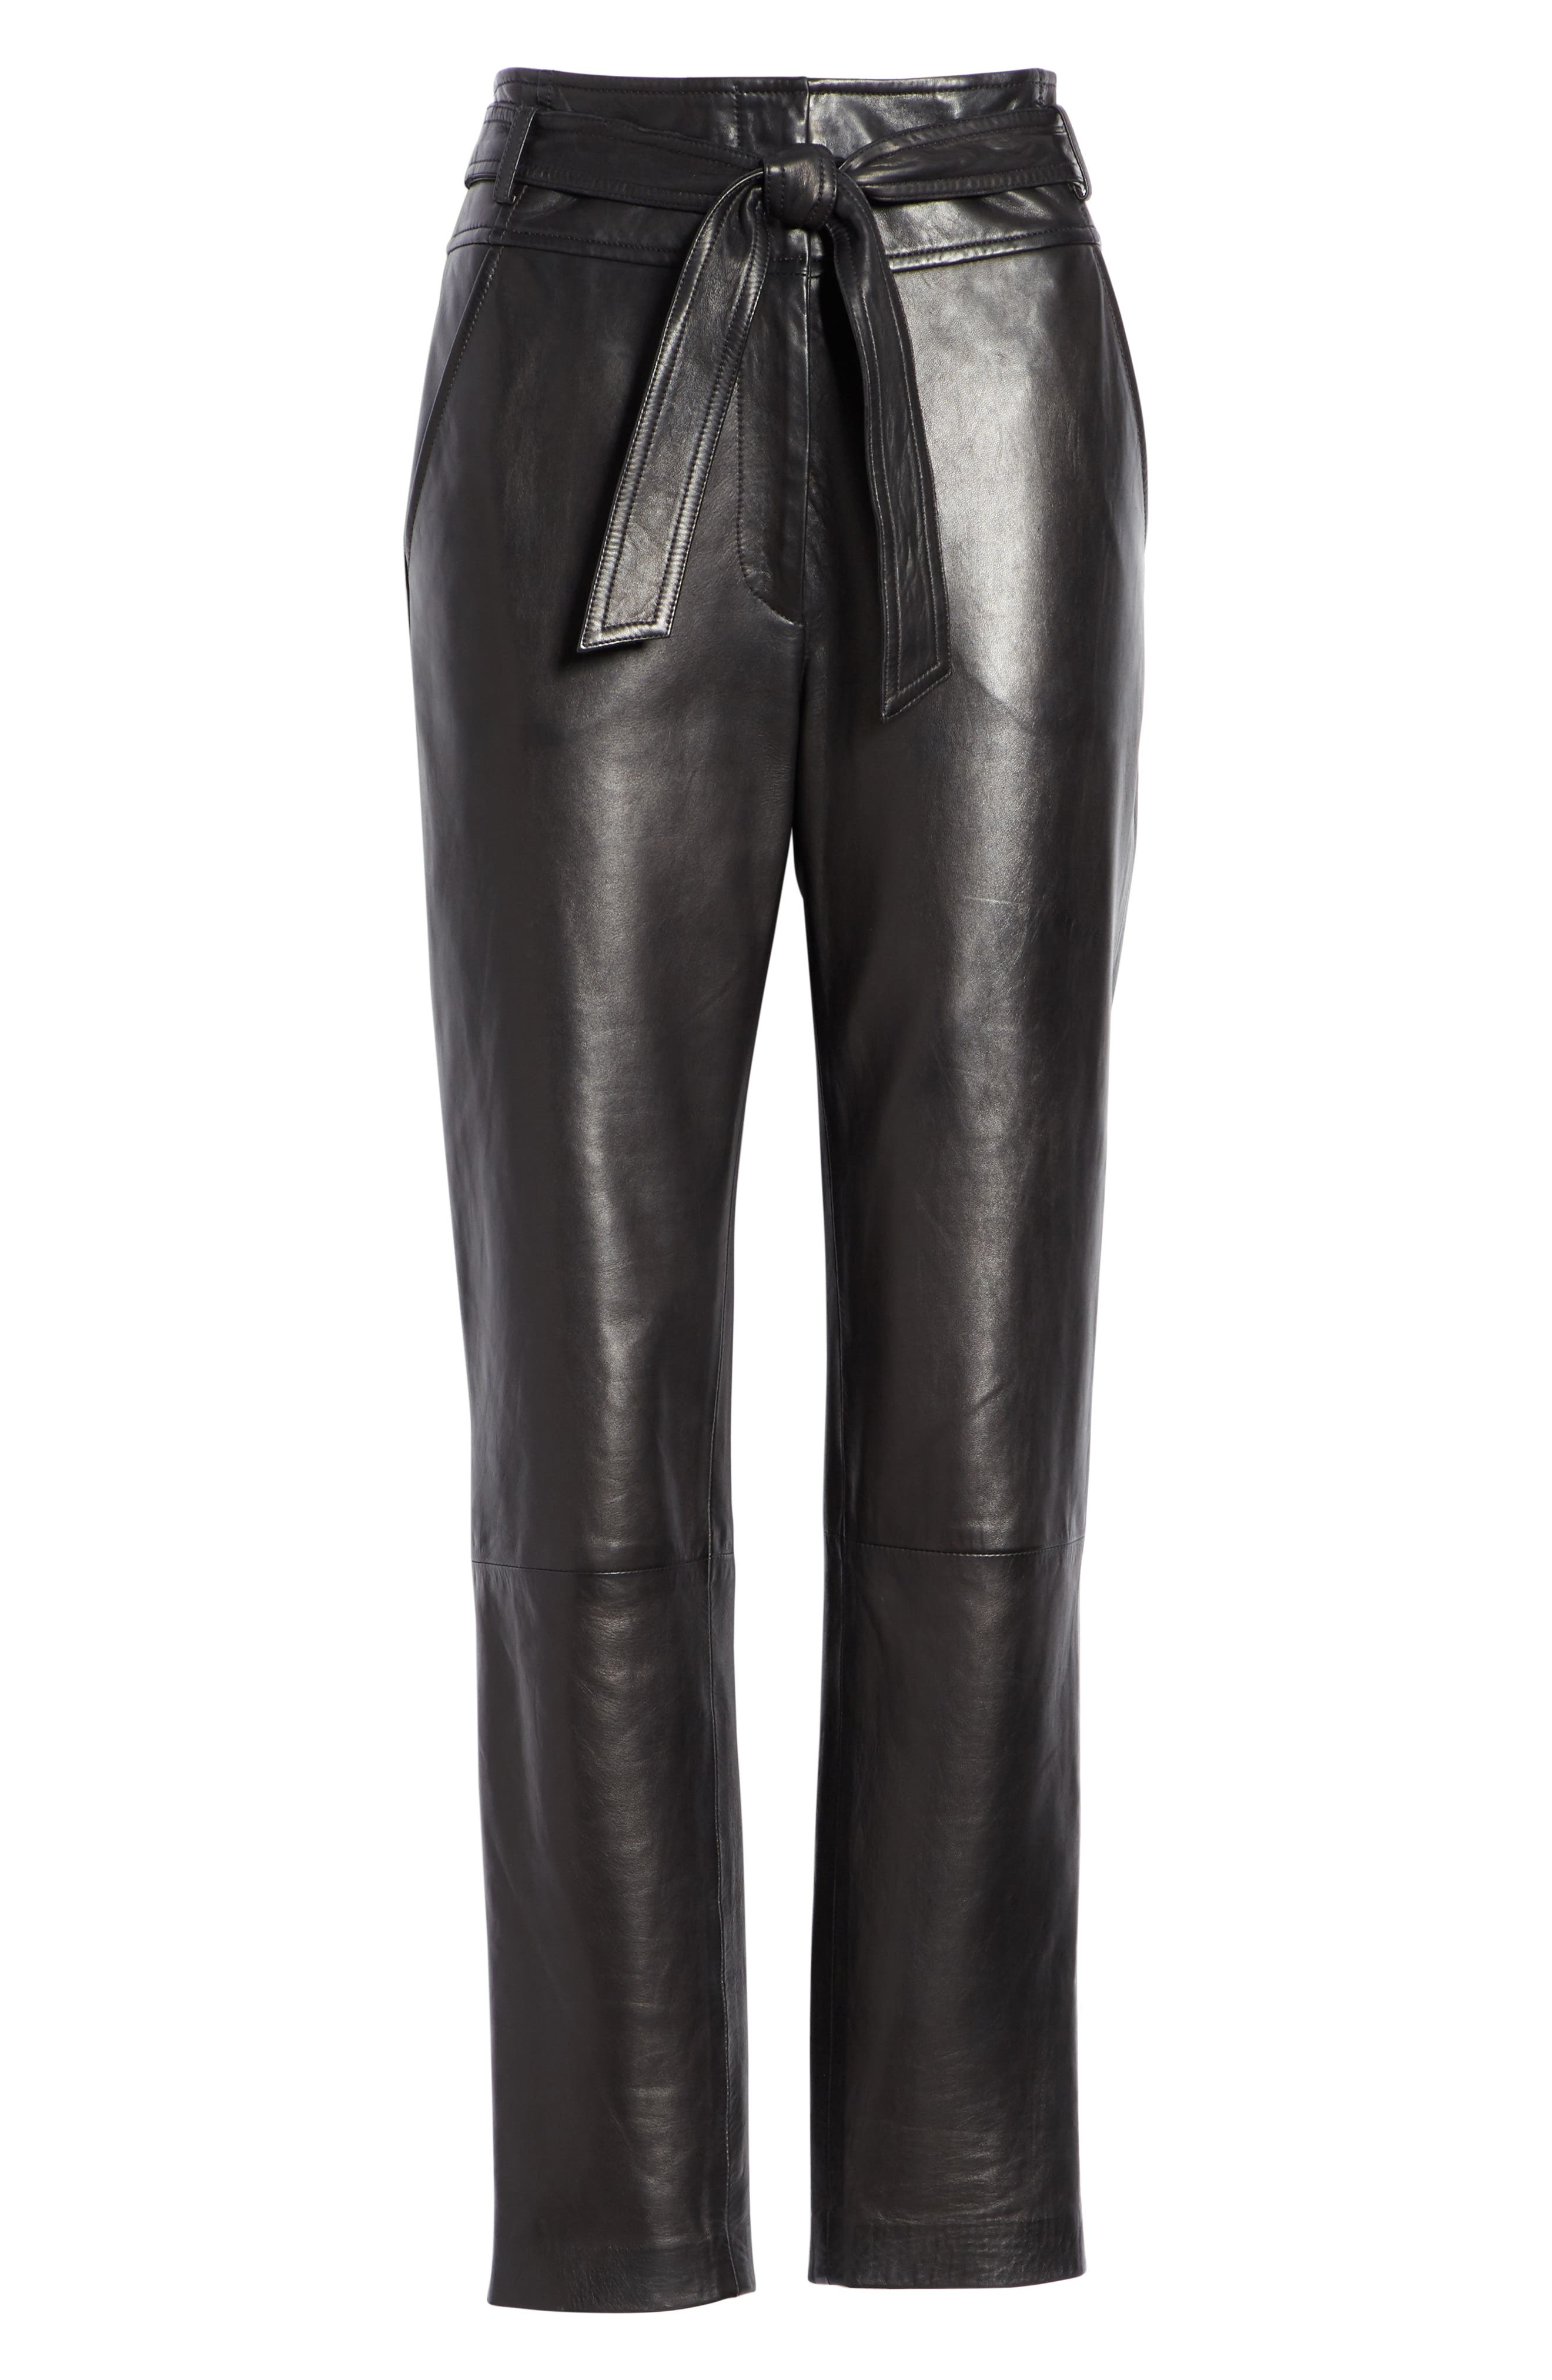 Faxon Leather Pants,                             Alternate thumbnail 6, color,                             BLACK